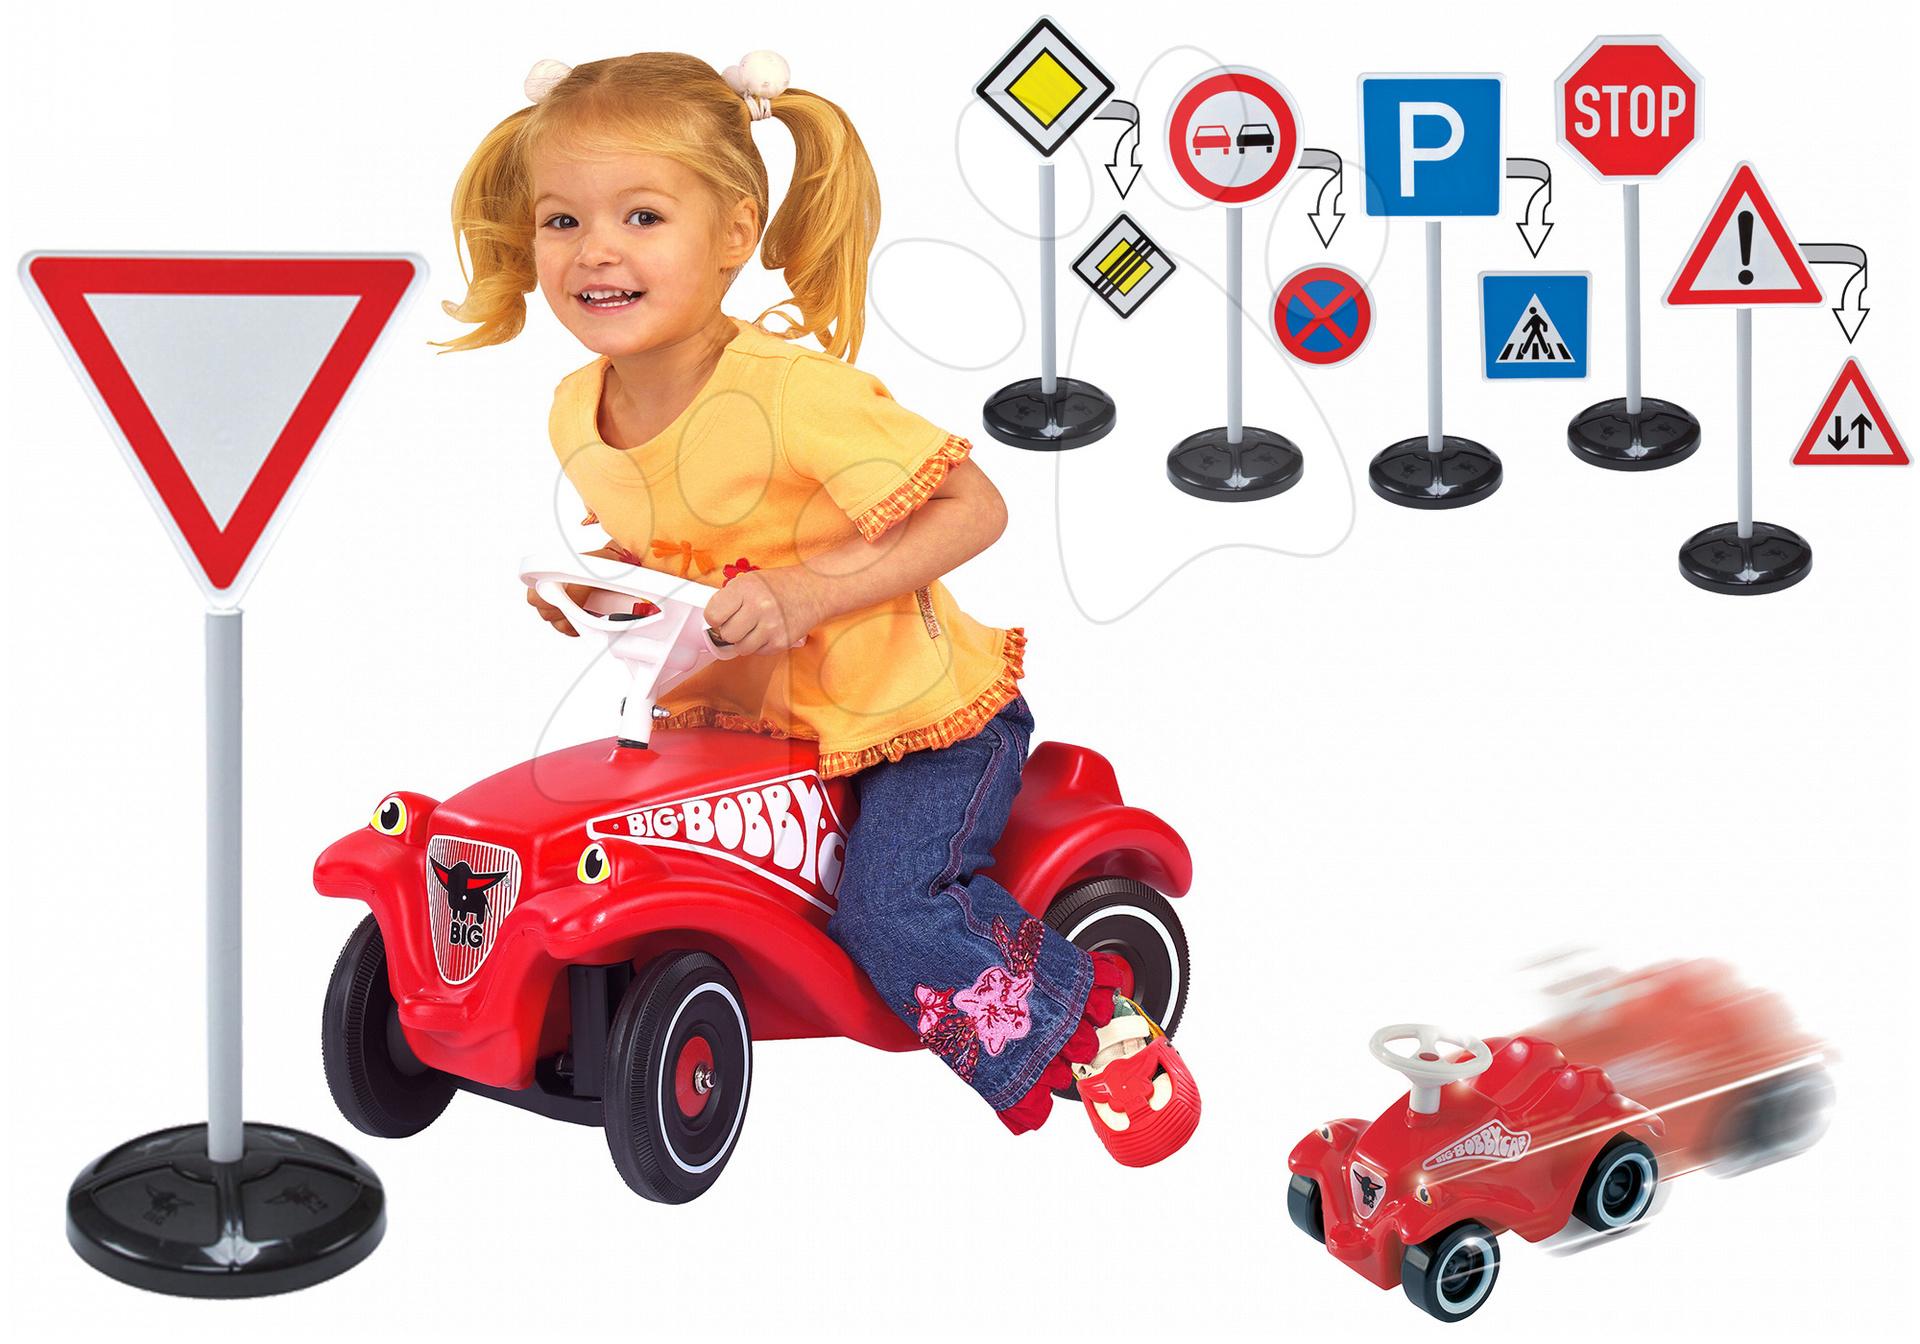 BIG detské odrážadlo Bobby Classic s dopravnými značkami a autíčko Mini Bobby 01303-3